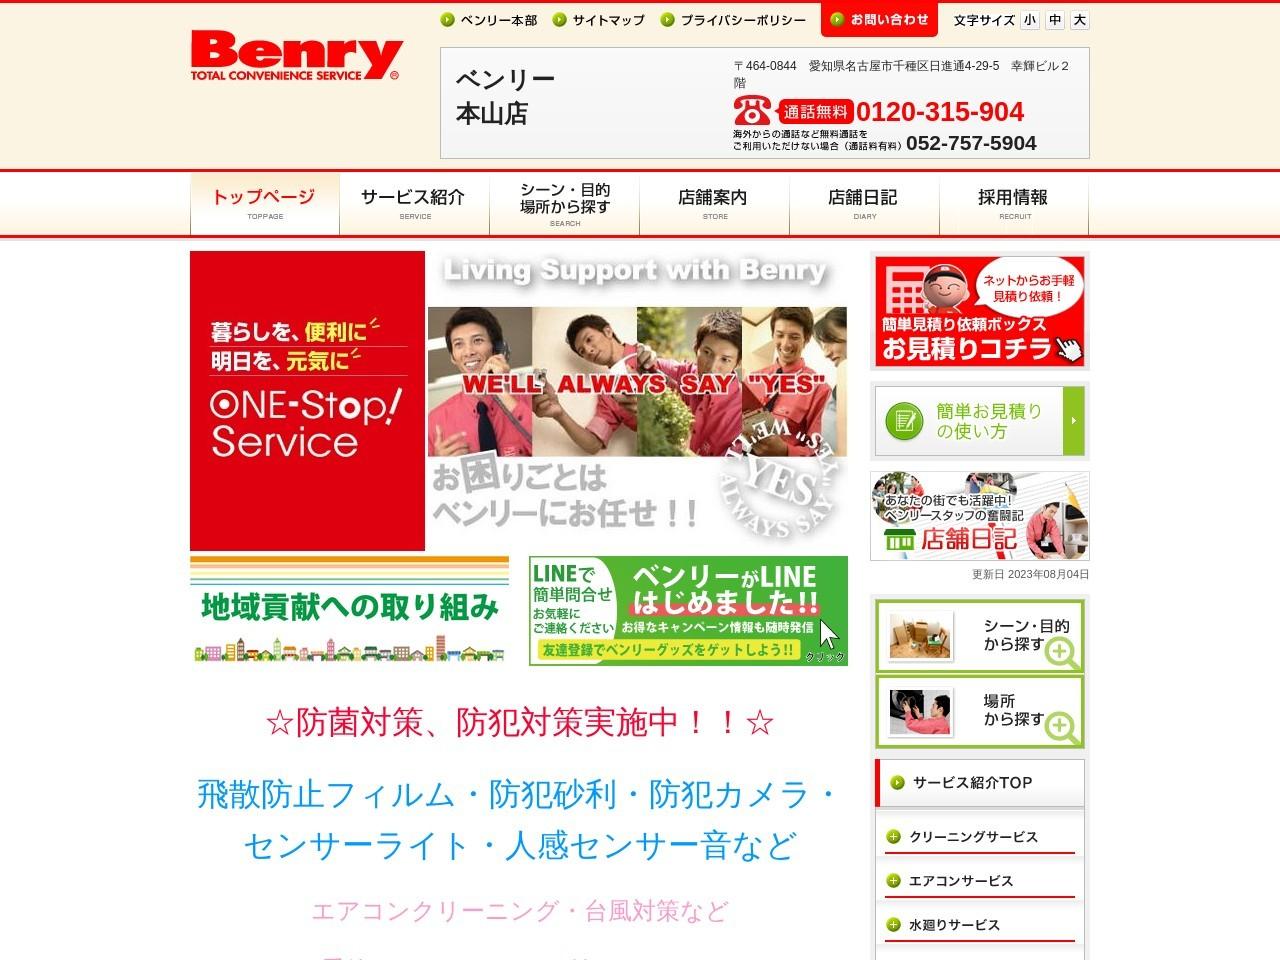 ベンリー本山店